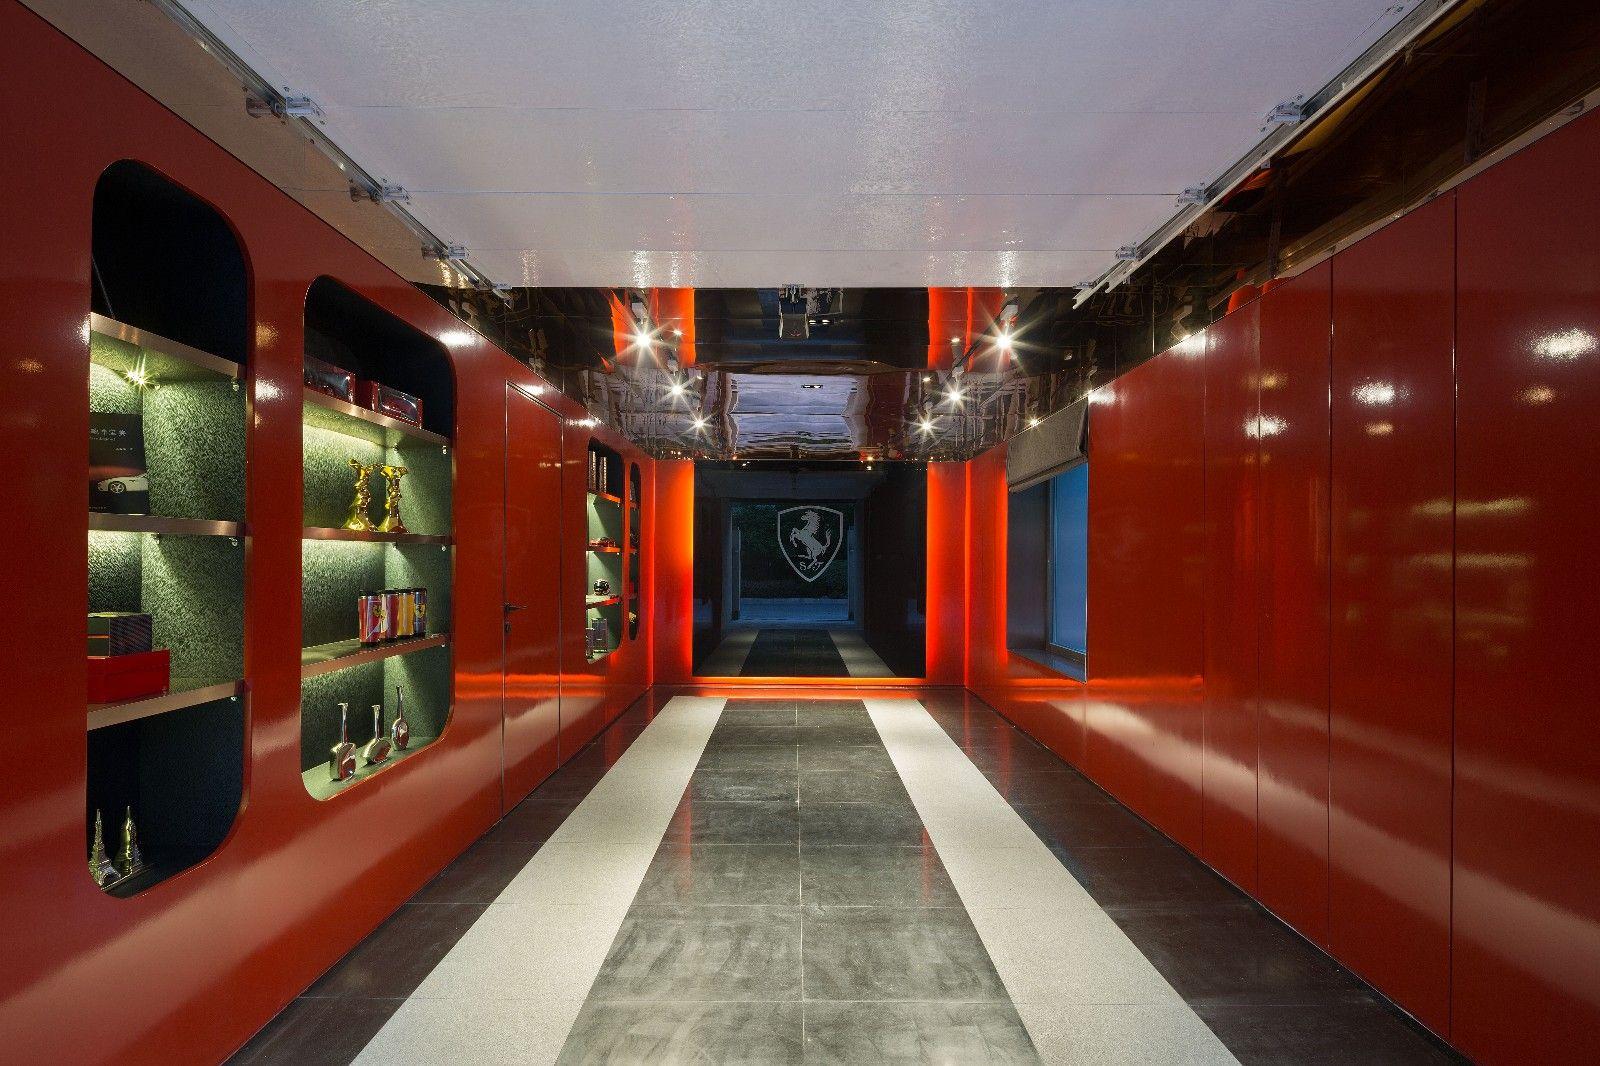 方磊 | 新贵居所,细节关乎品位 ----新浦江城十号院